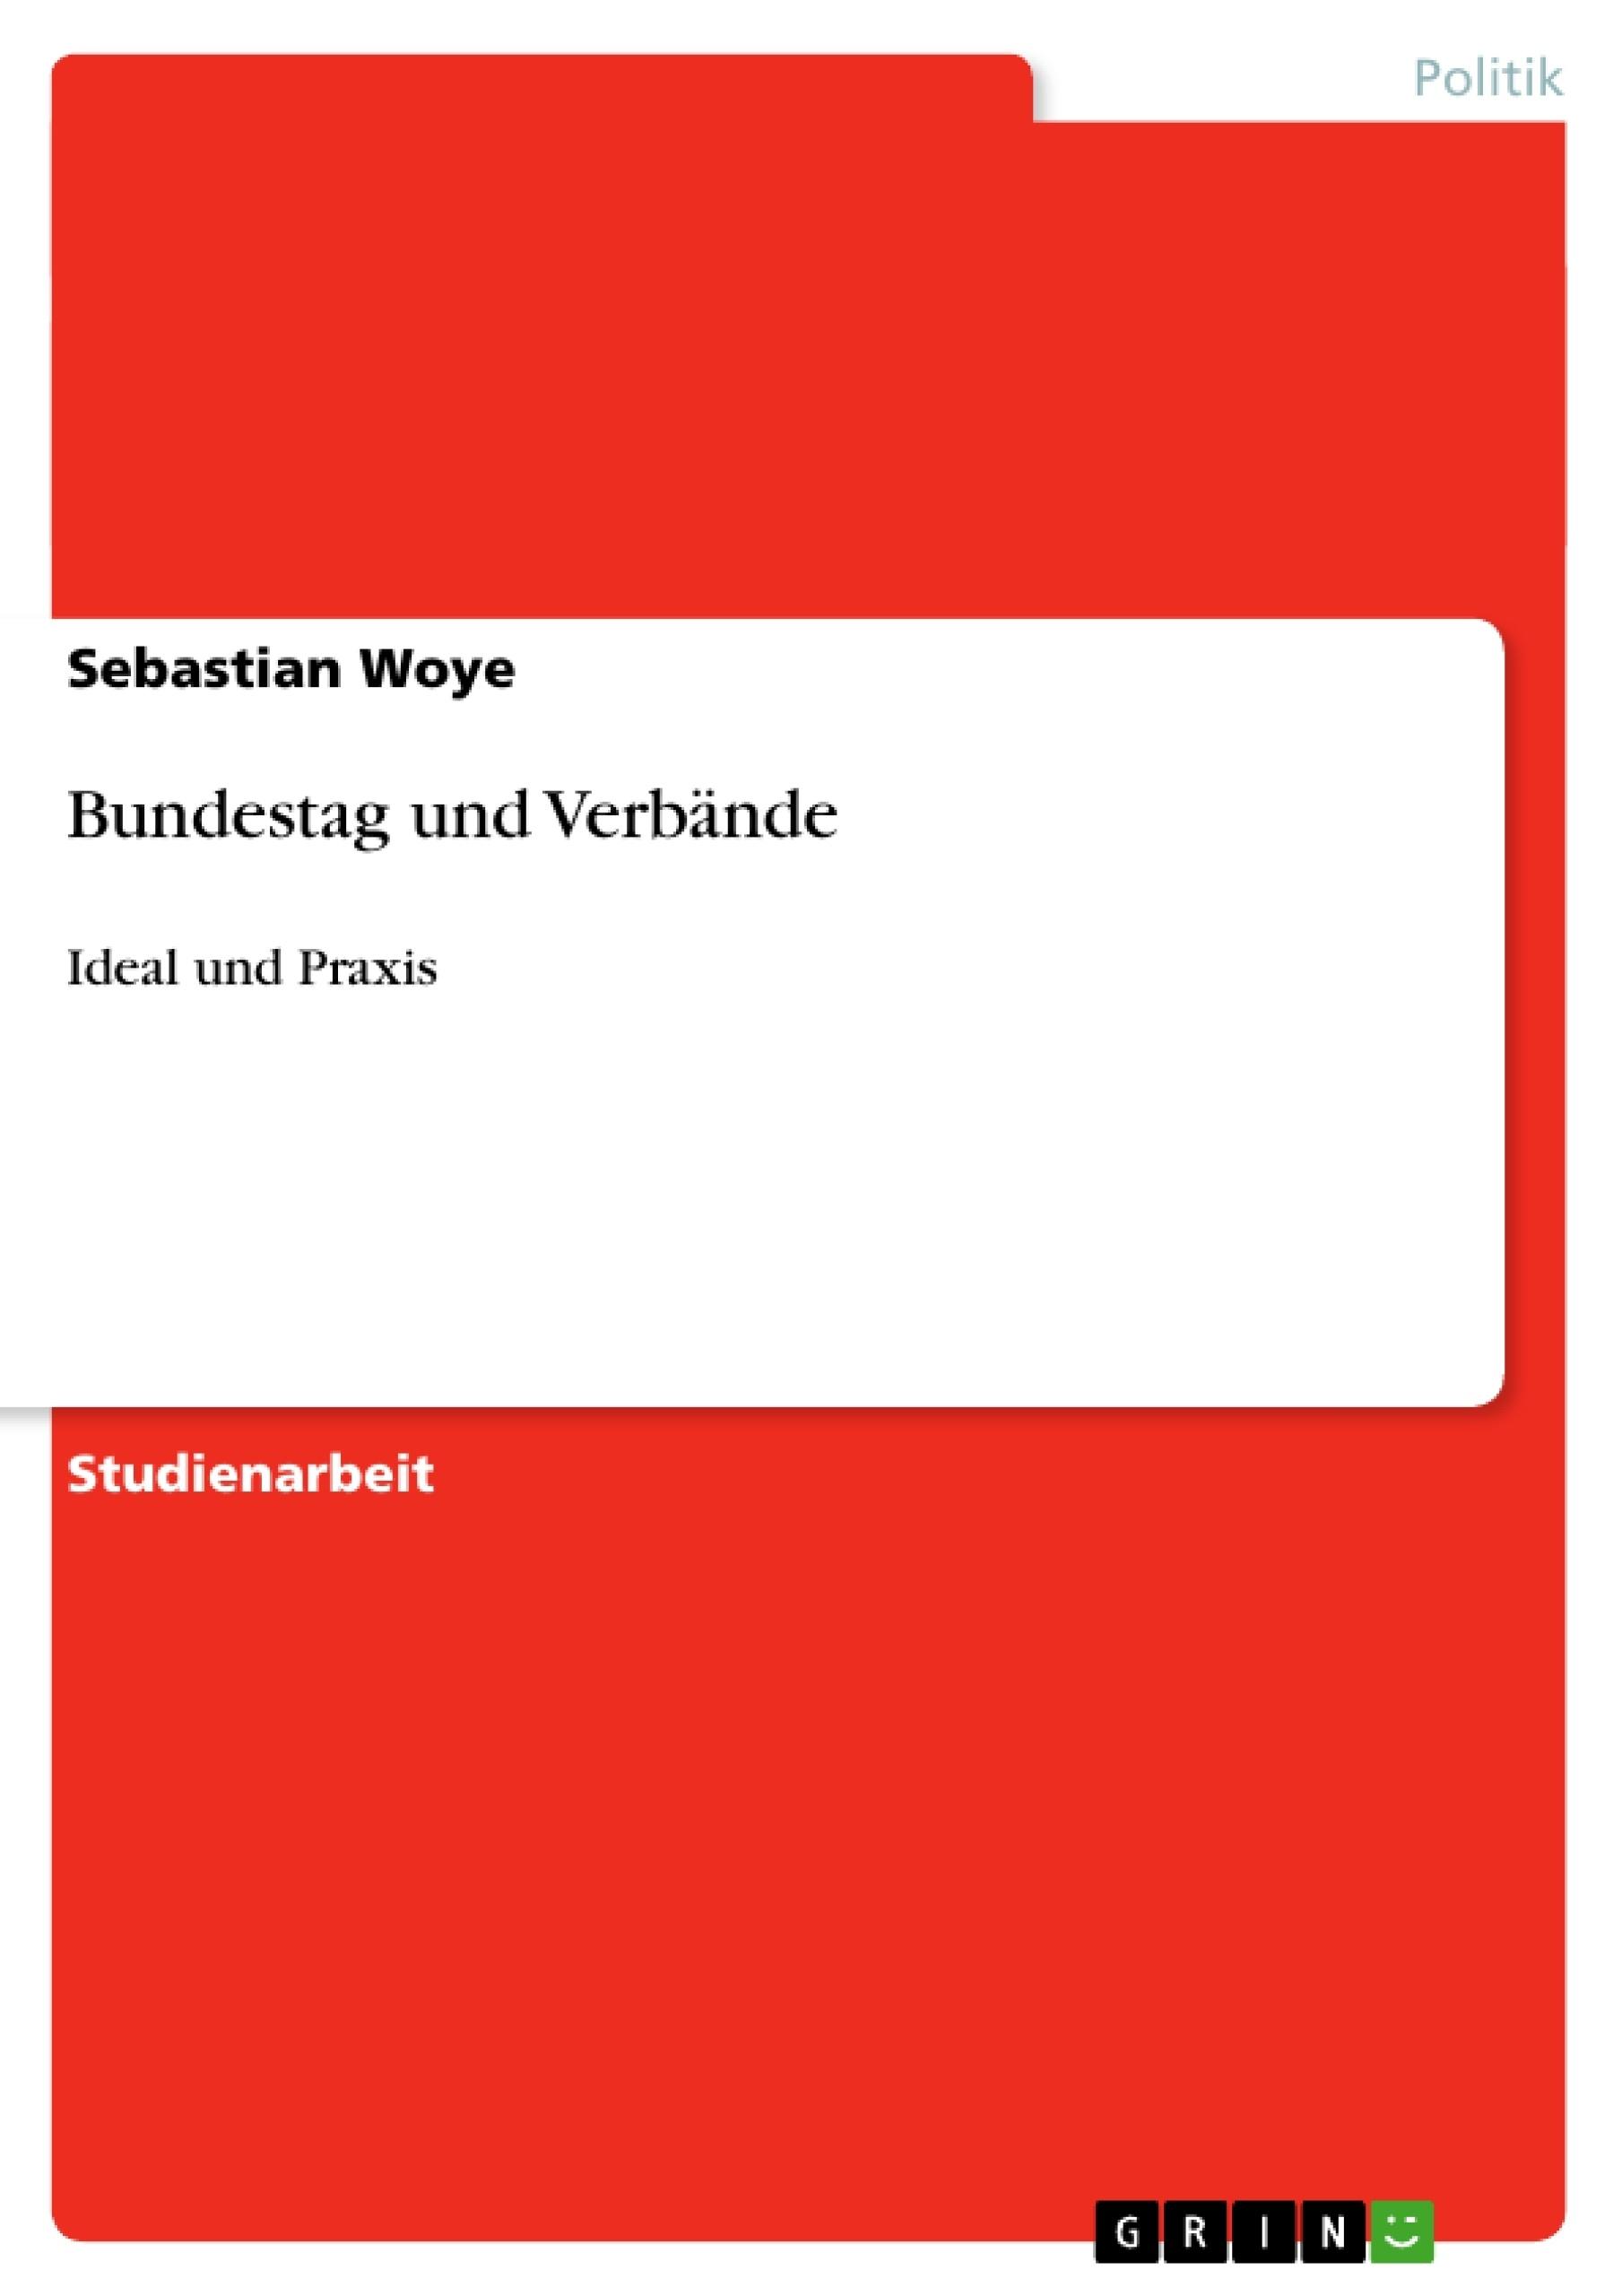 Titel: Bundestag und Verbände